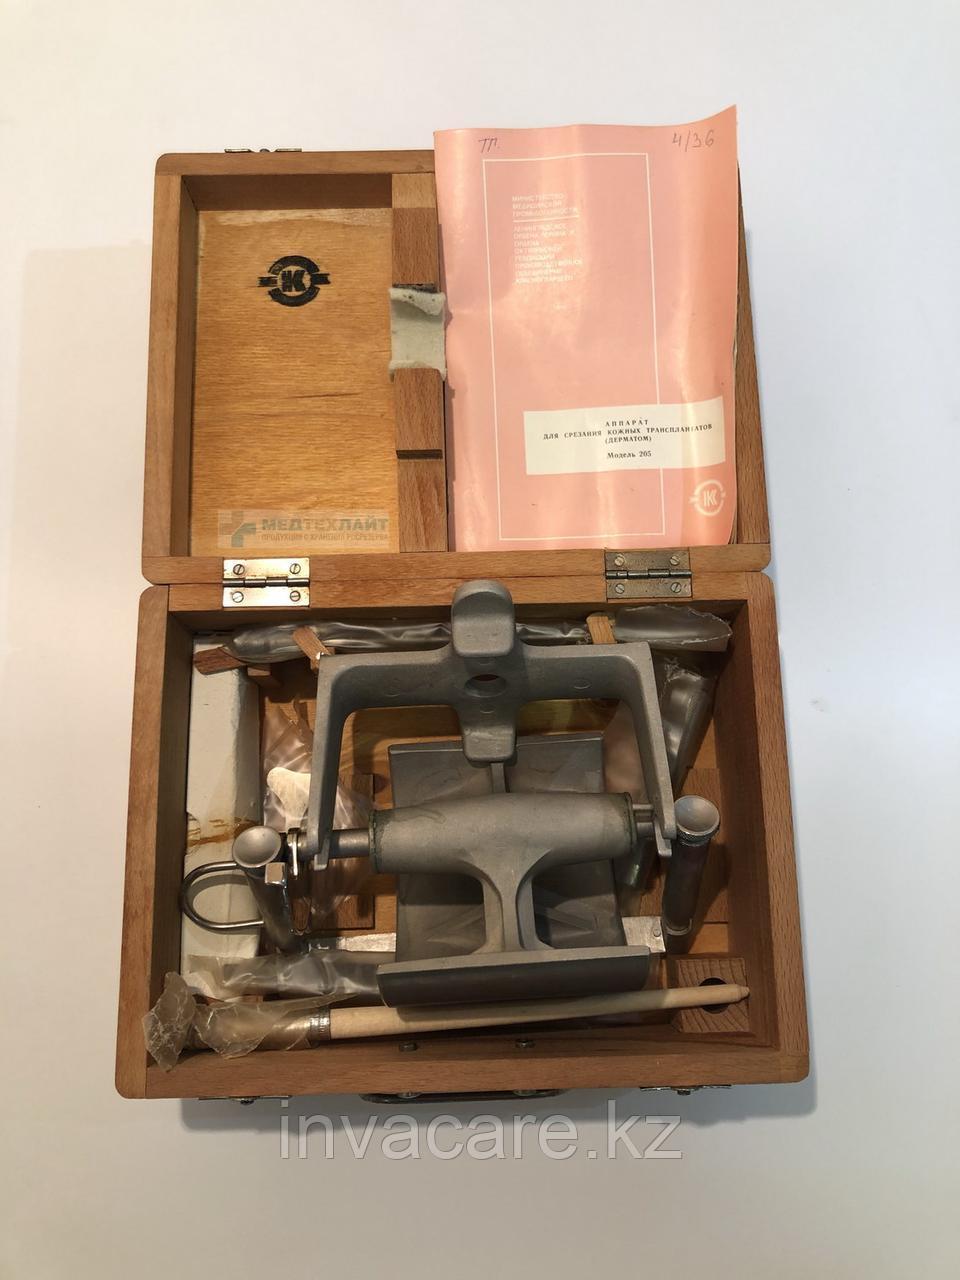 Дерматом мод. 205 аппарат для срезания кожных трансплантатов